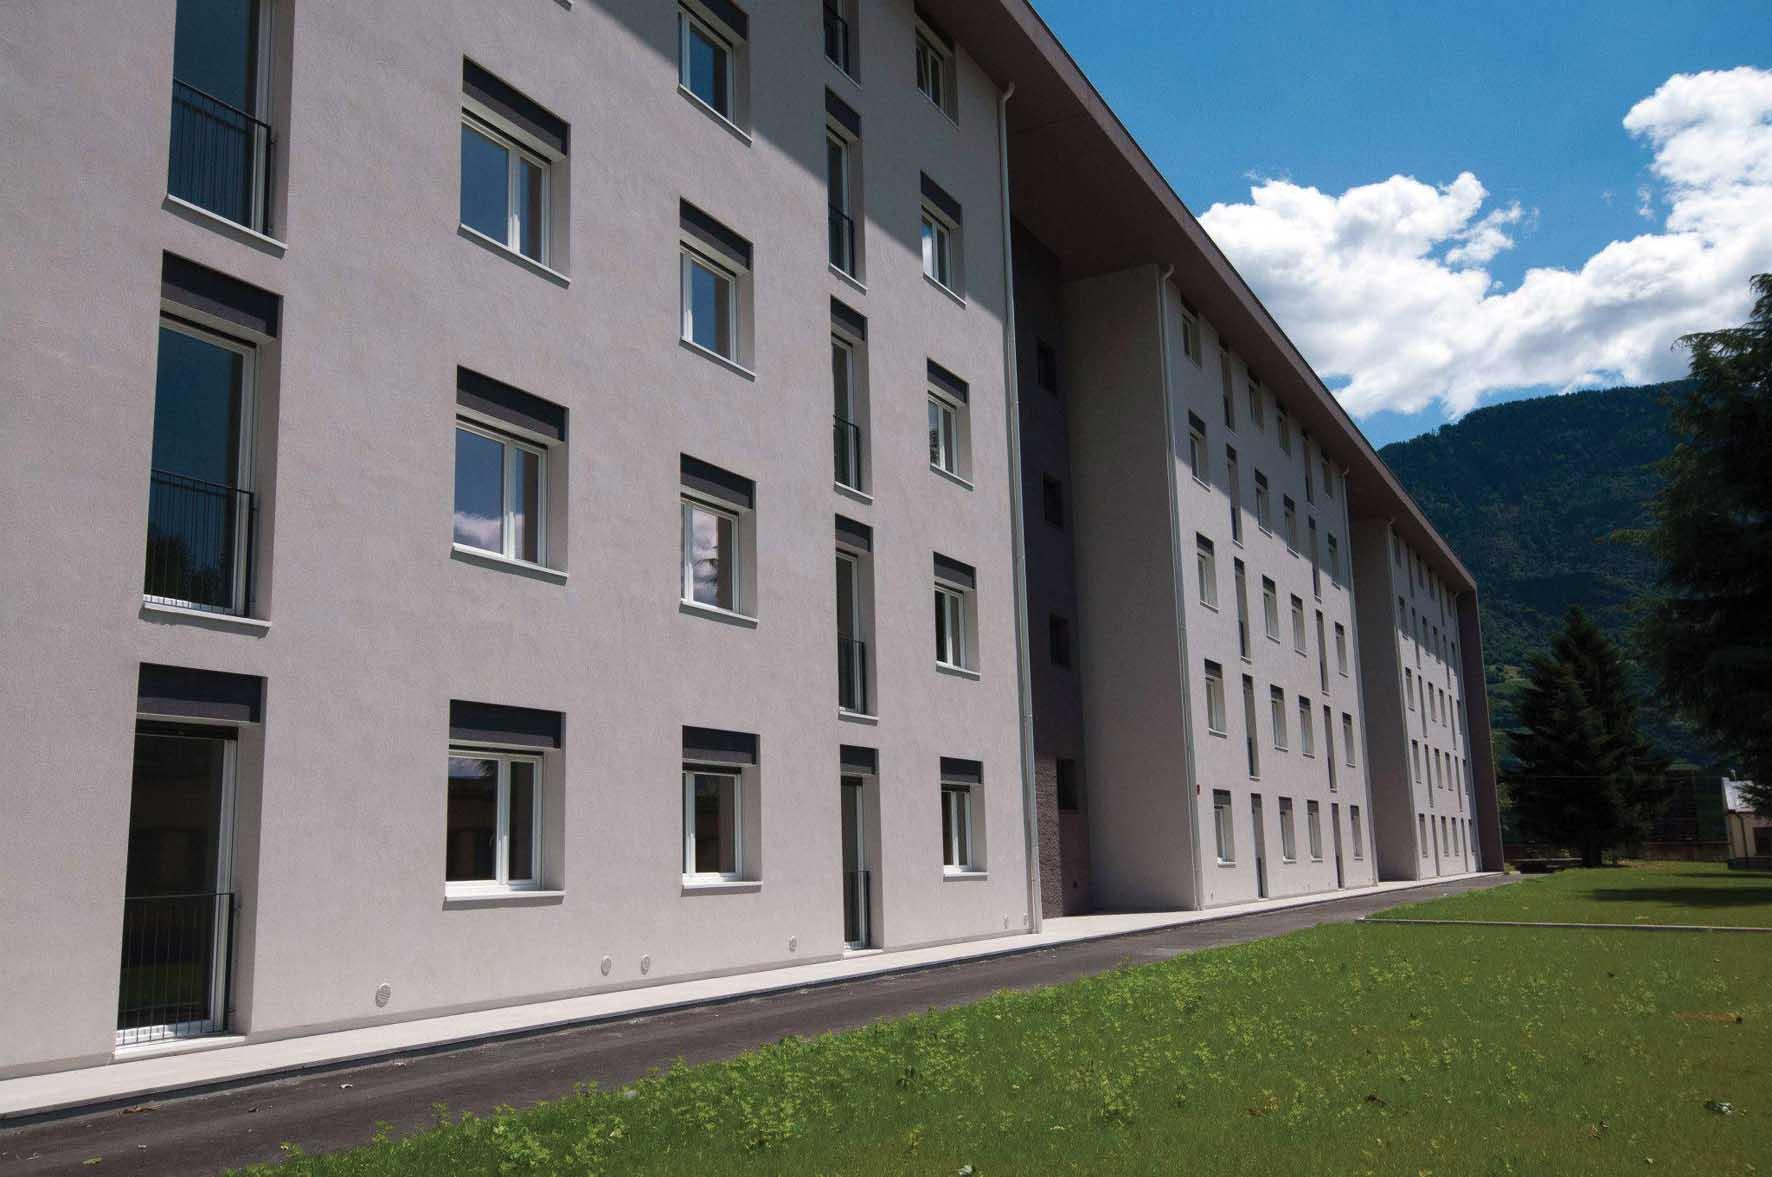 PAB-La-palazzina-alloggi-caserma-di-Merano-moderna-e-rispetta-i-criteri-CasaClima-ilnordest